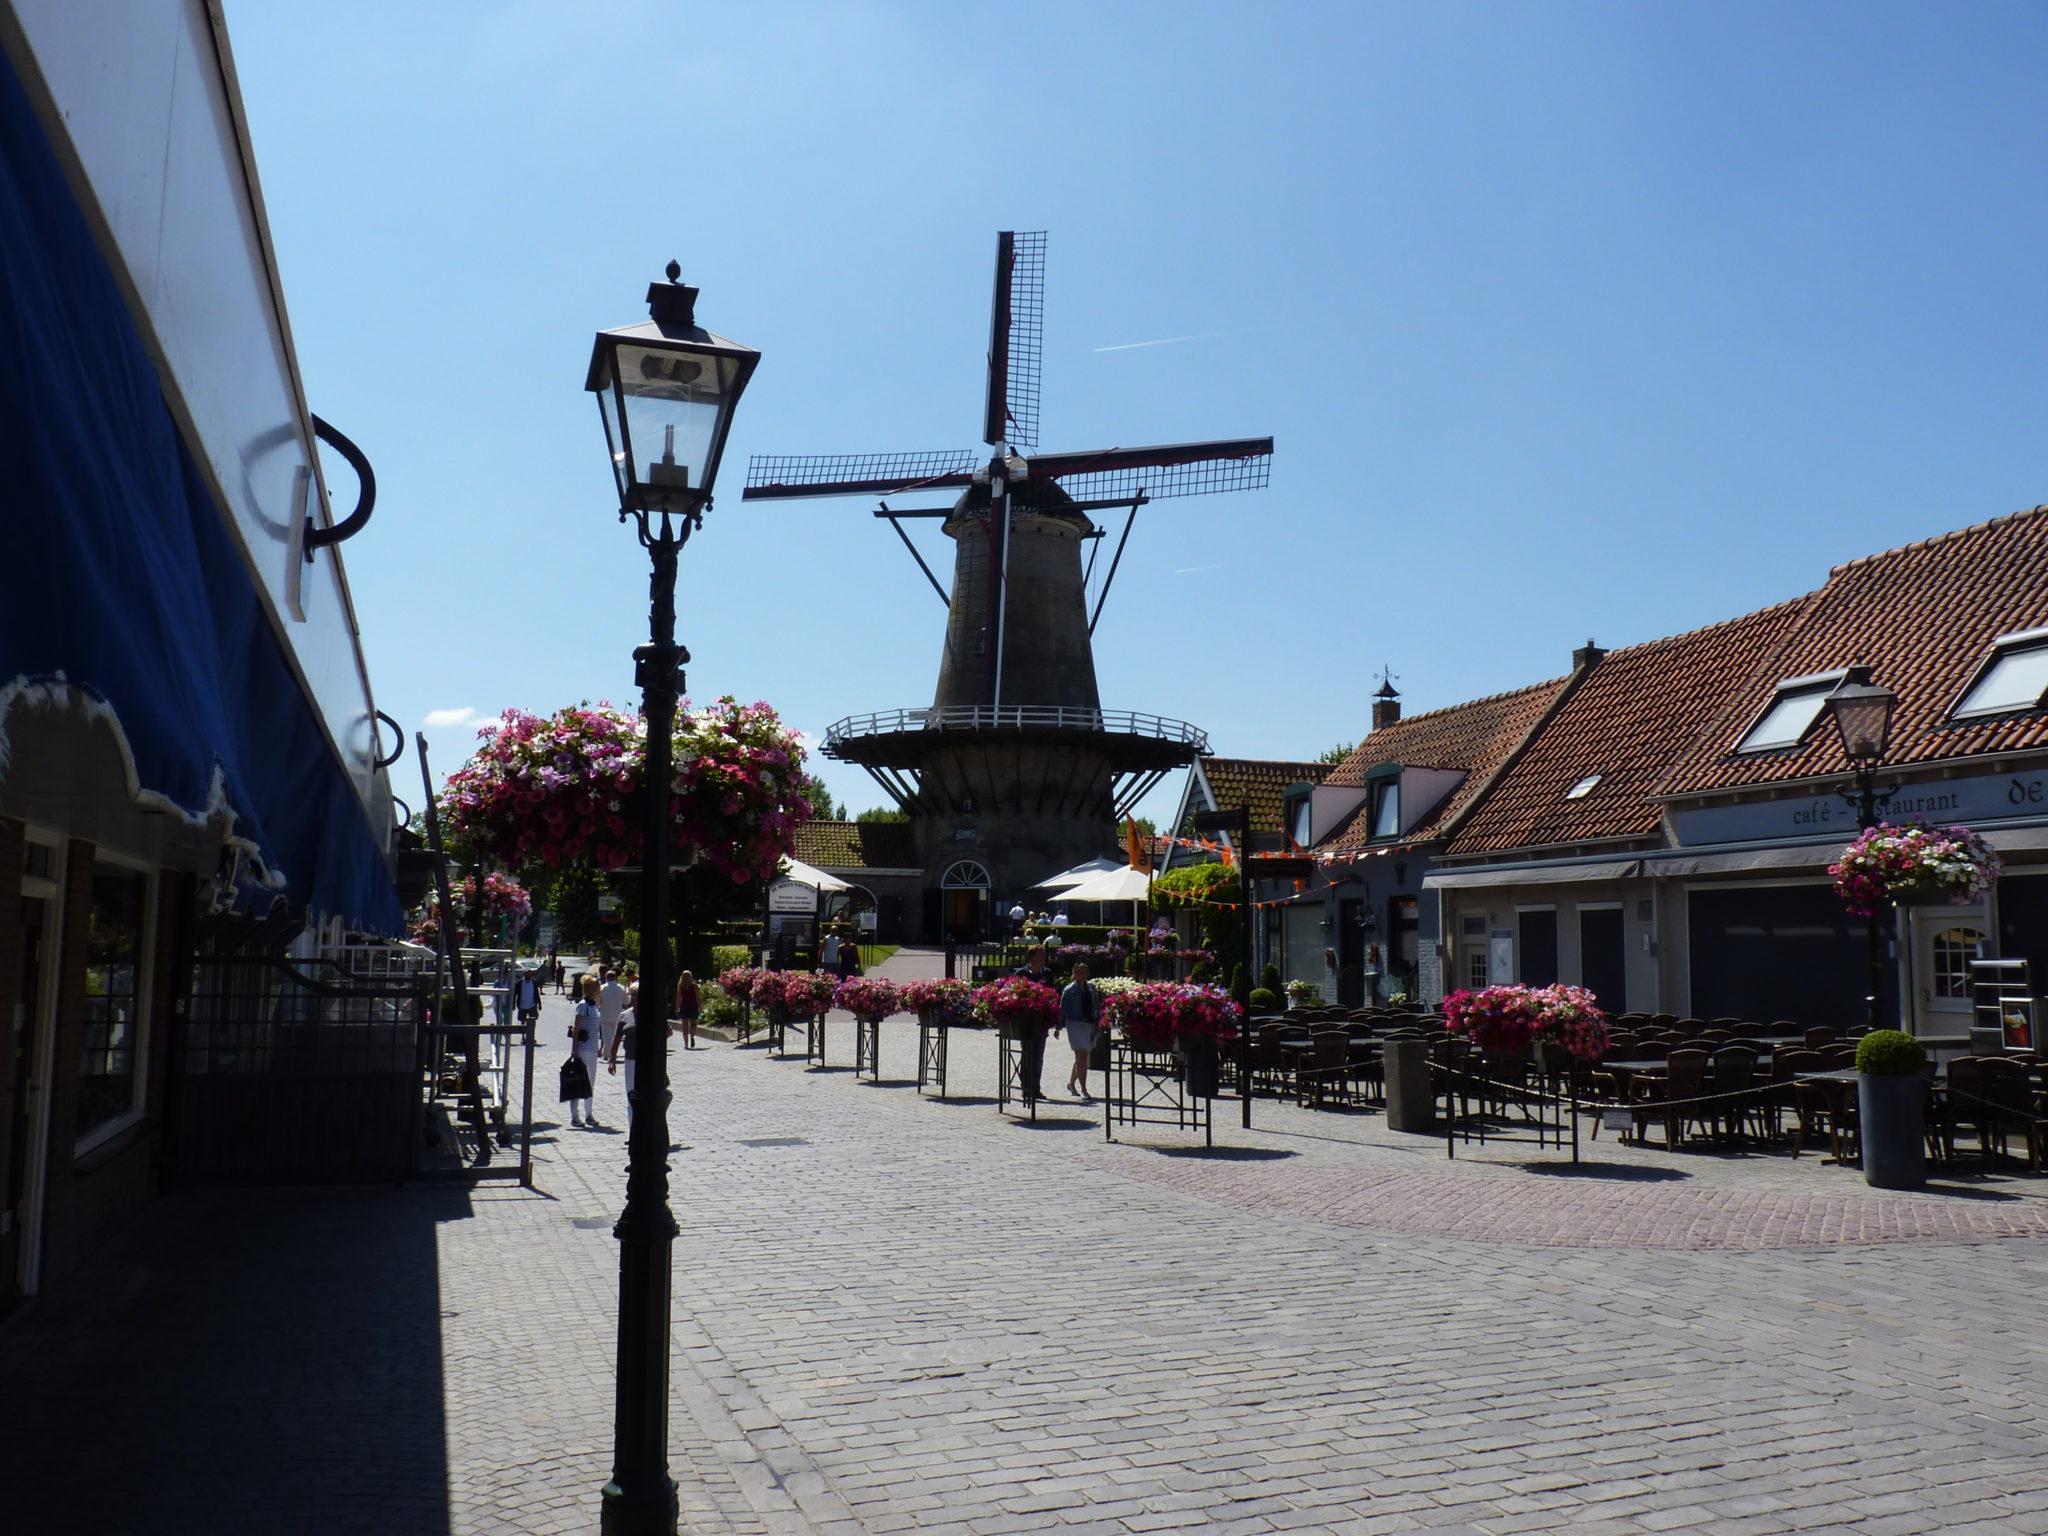 Maak eens een stadswandeling in Sluis.